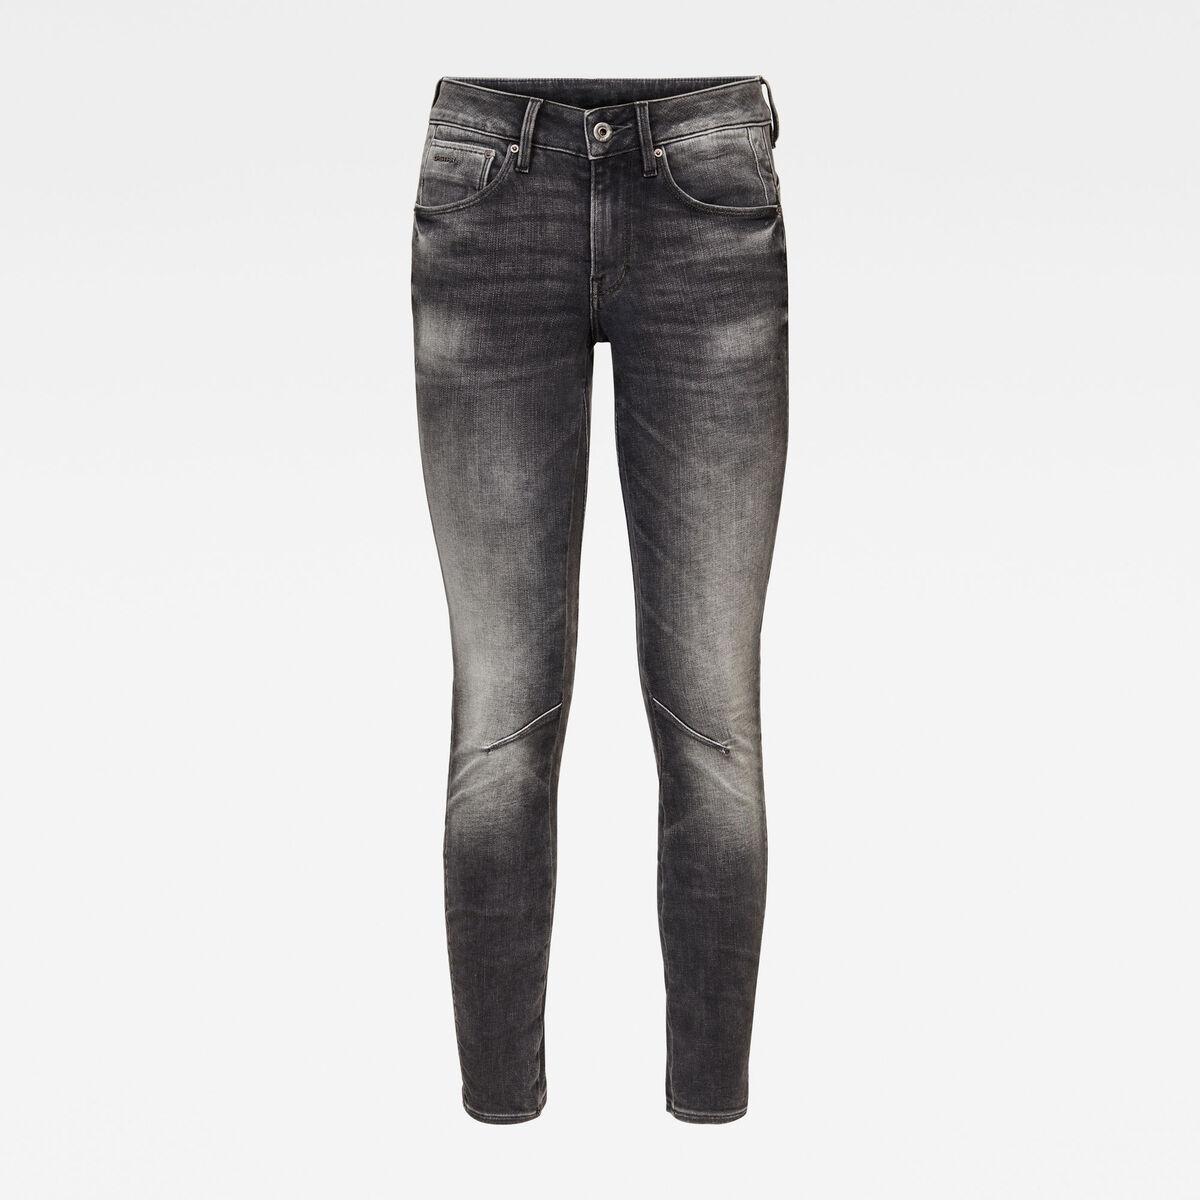 Bild 4 von Arc 3D Mid Skinny Jeans